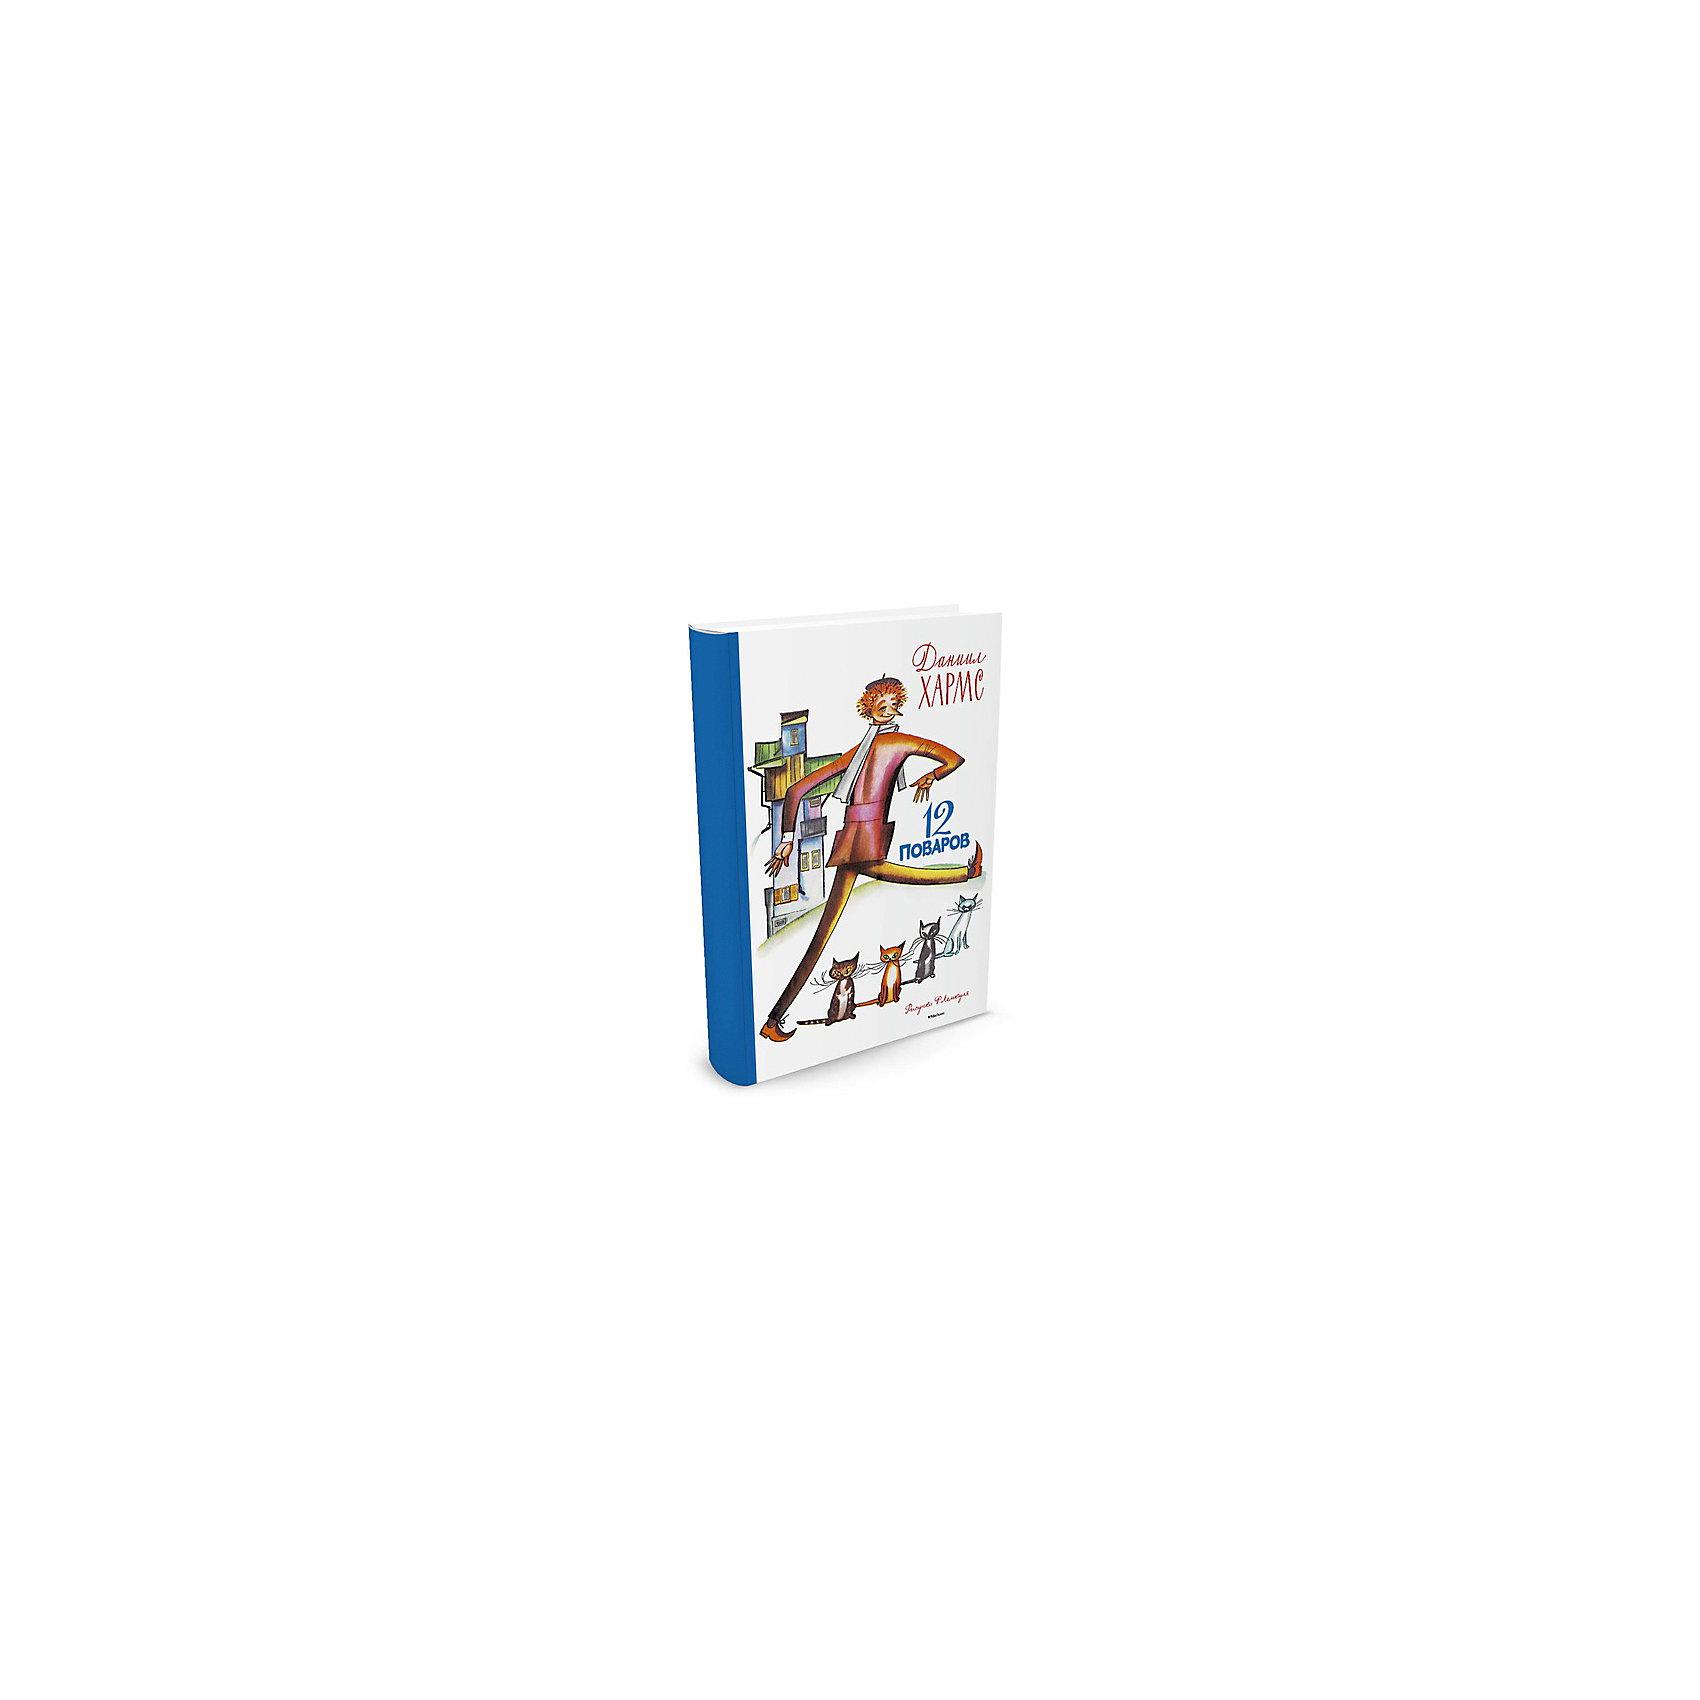 12 поваров, Даниил Хармс, MACHAONСтихи<br>Книга 12 поваров.<br><br>Характеристики:<br><br>• Для детей в возрасте: от 3 до 6 лет<br>• Автор: Даниил Хармс<br>• Художник: Федор Лемкуль<br>• Издательство: Азбука-Аттикус, Махаон, 2016 год<br>• Тип обложки: 7Б - твердая (плотная бумага или картон)<br>• Оформление: с тканевым корешком<br>• Иллюстрации: цветные<br>• Количество страниц: 32<br>• Размер: 262х203х7 мм.<br>• Вес: 316 гр.<br>• ISBN: 9785389111325<br><br>Книга Даниила Хармса «12 поваров» с иллюстрациями Фёдора Лемкуля, впервые увидевшая свет более сорока лет назад, стала настоящей библиографической редкостью. Это издание даёт рисункам замечательного художника новую жизнь. Удивительная техника Лемкуля очень точно дополняет виртуозные стихи Хармса, и результат такого творческого союза – настоящий подарок для ценителей искусства книжной иллюстрации.<br><br>Книгу 12 поваров можно купить в нашем интернет-магазине.<br><br>Ширина мм: 262<br>Глубина мм: 203<br>Высота мм: 70<br>Вес г: 316<br>Возраст от месяцев: 36<br>Возраст до месяцев: 72<br>Пол: Унисекс<br>Возраст: Детский<br>SKU: 5493446